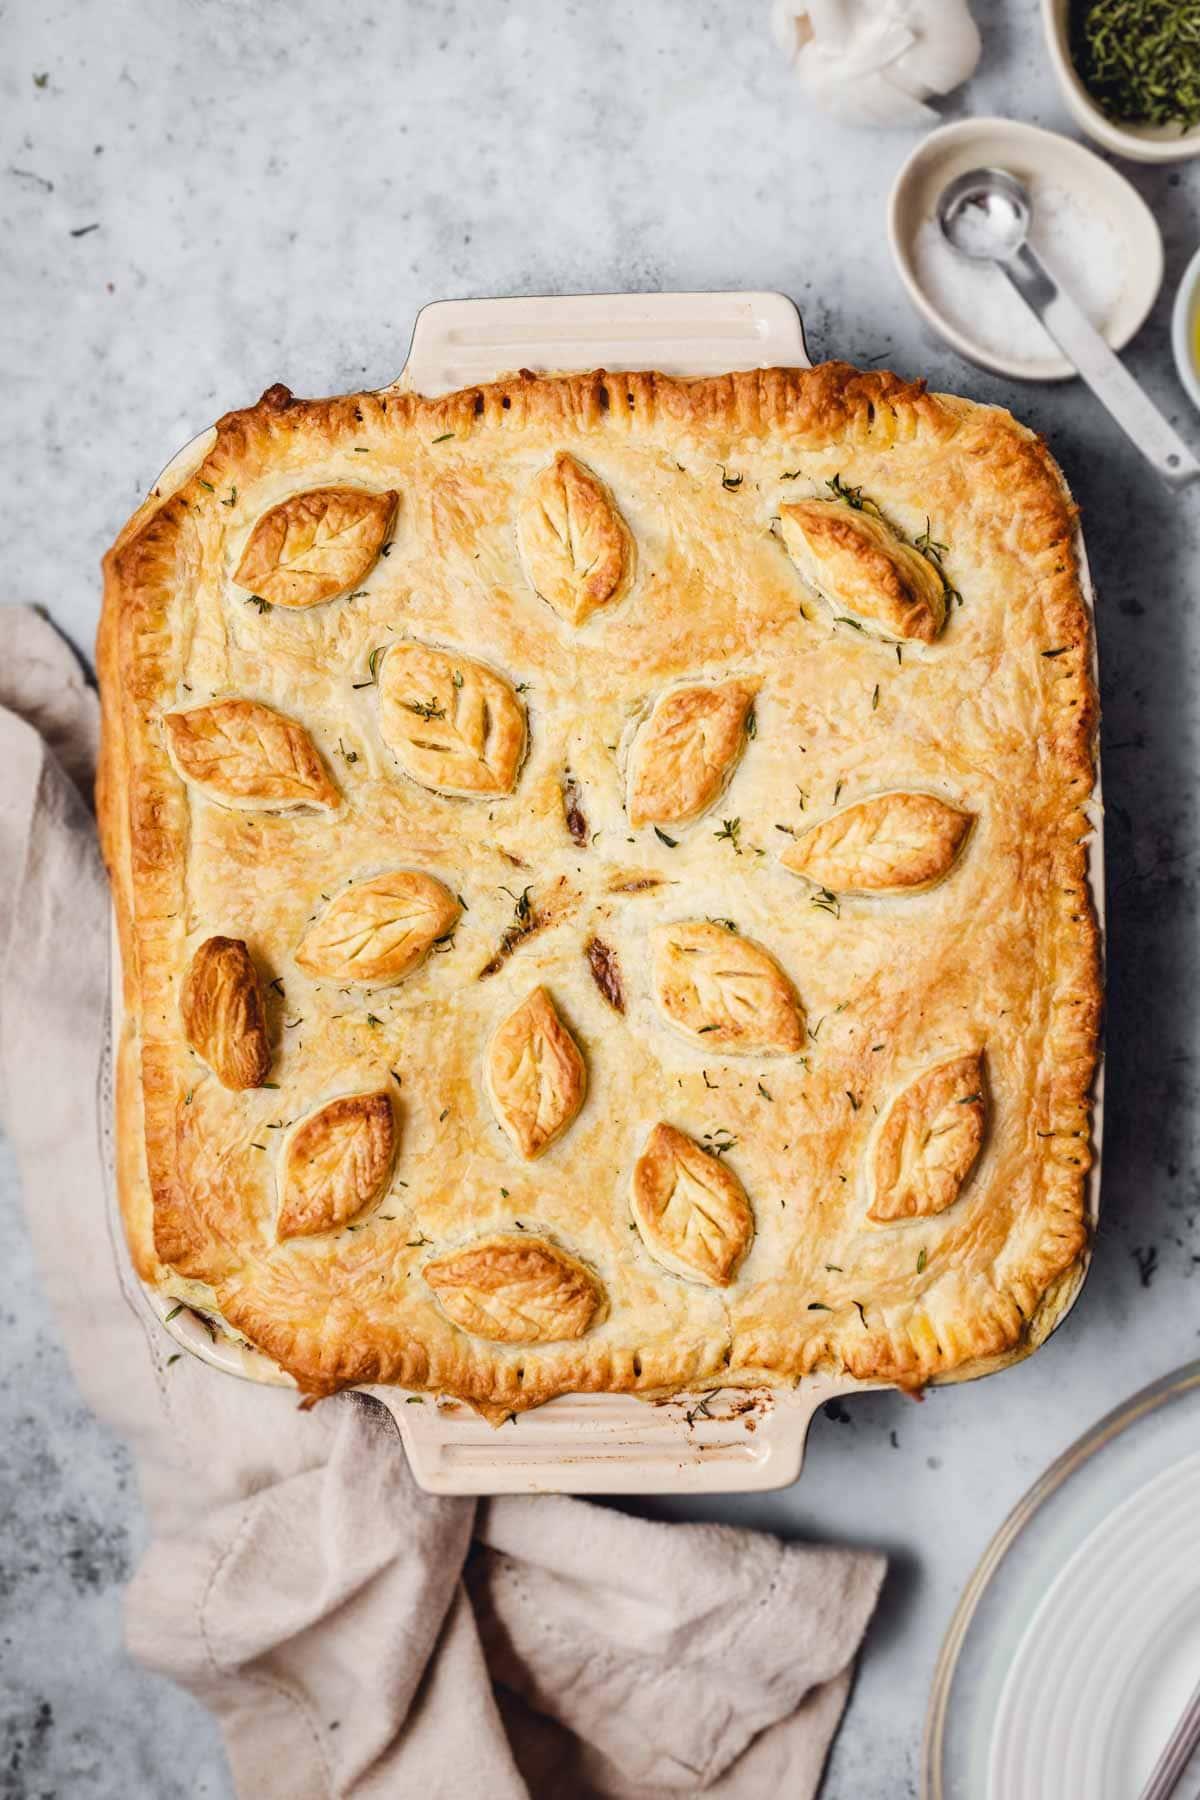 A baked vegan pot pie on a grey background.